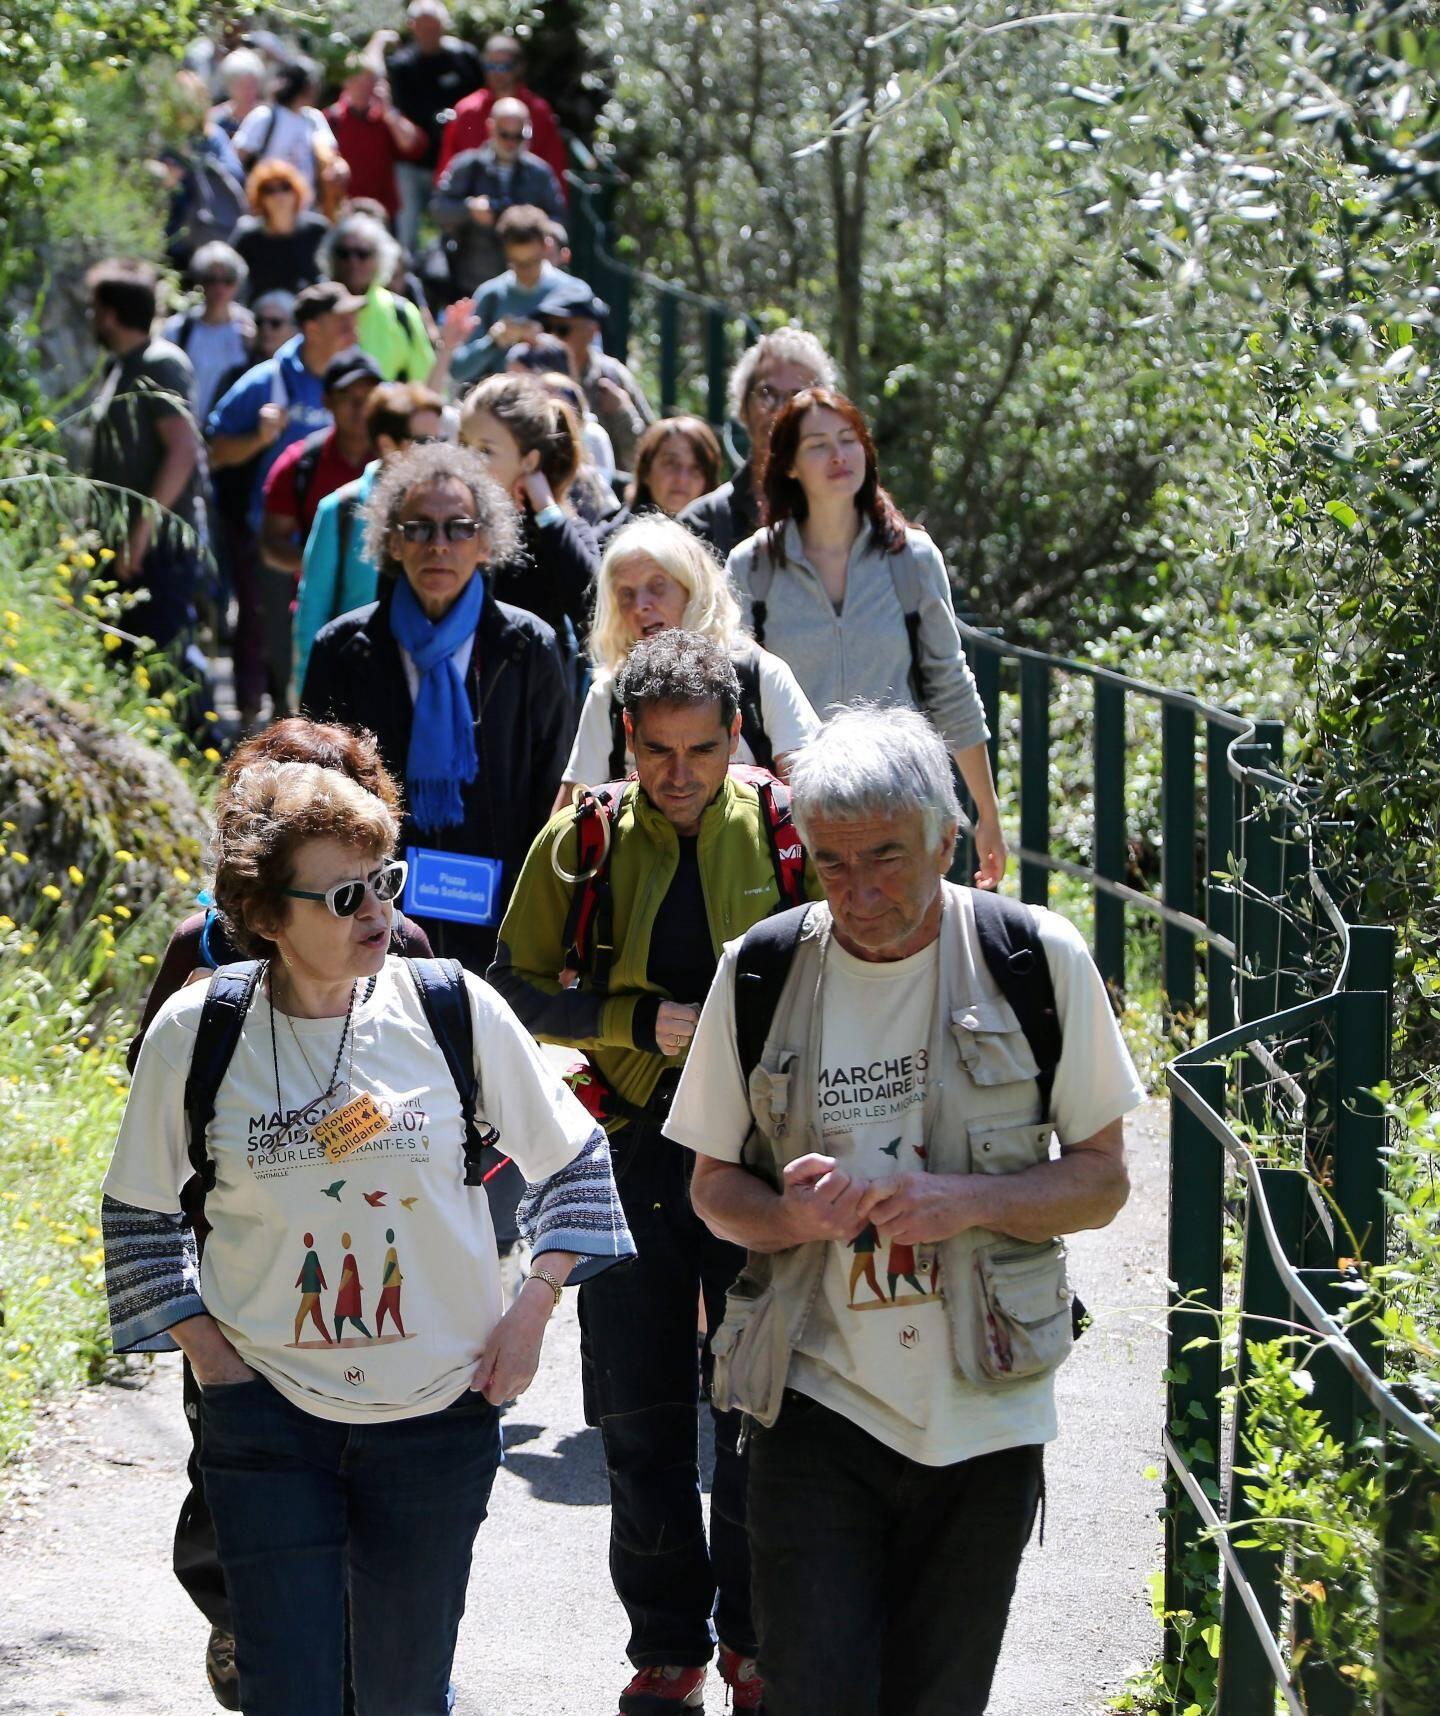 Au menu de cette marche: 1.400 kilomètres en 60 étapes avec une moyenne de 50 marcheurs à chaque fois.